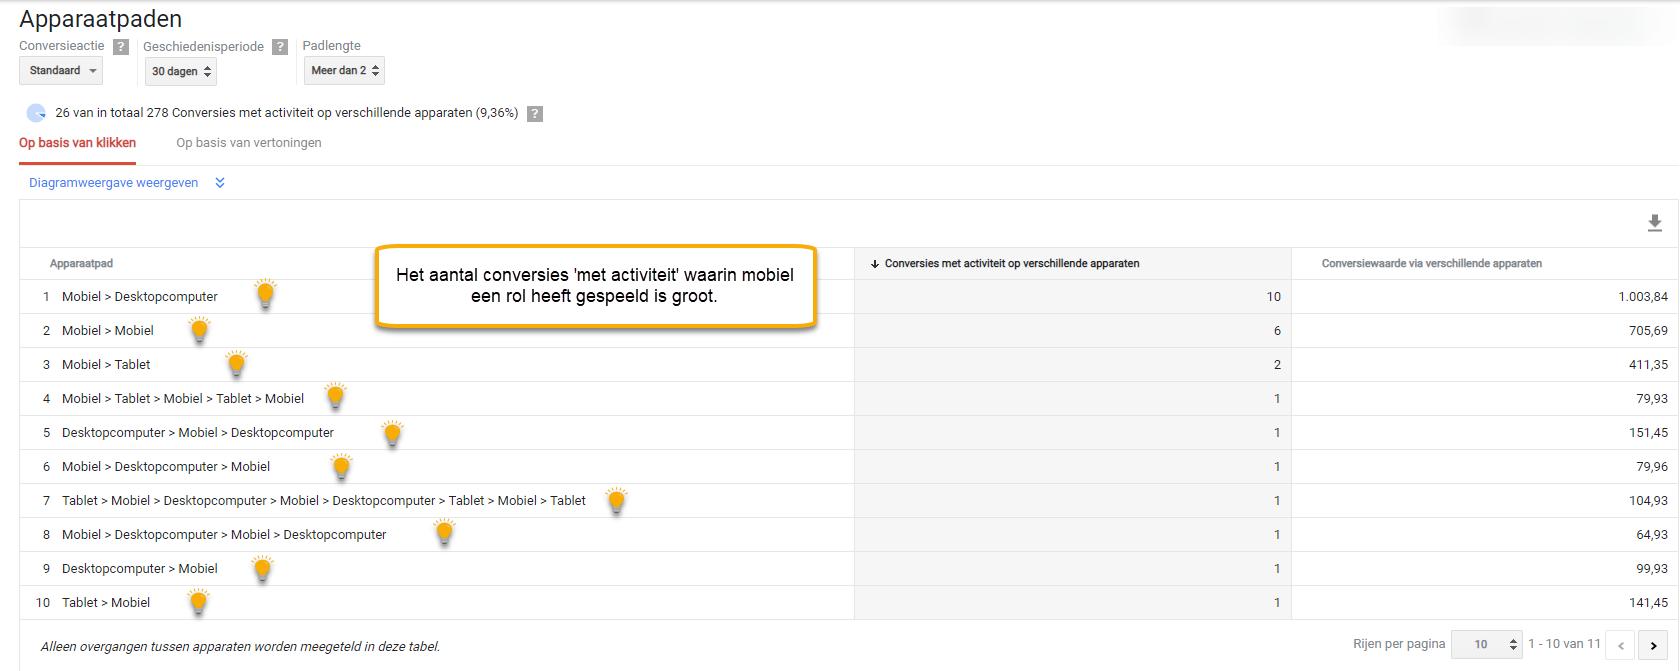 Overzicht van de apparaatpaden vanuit Google Analytics